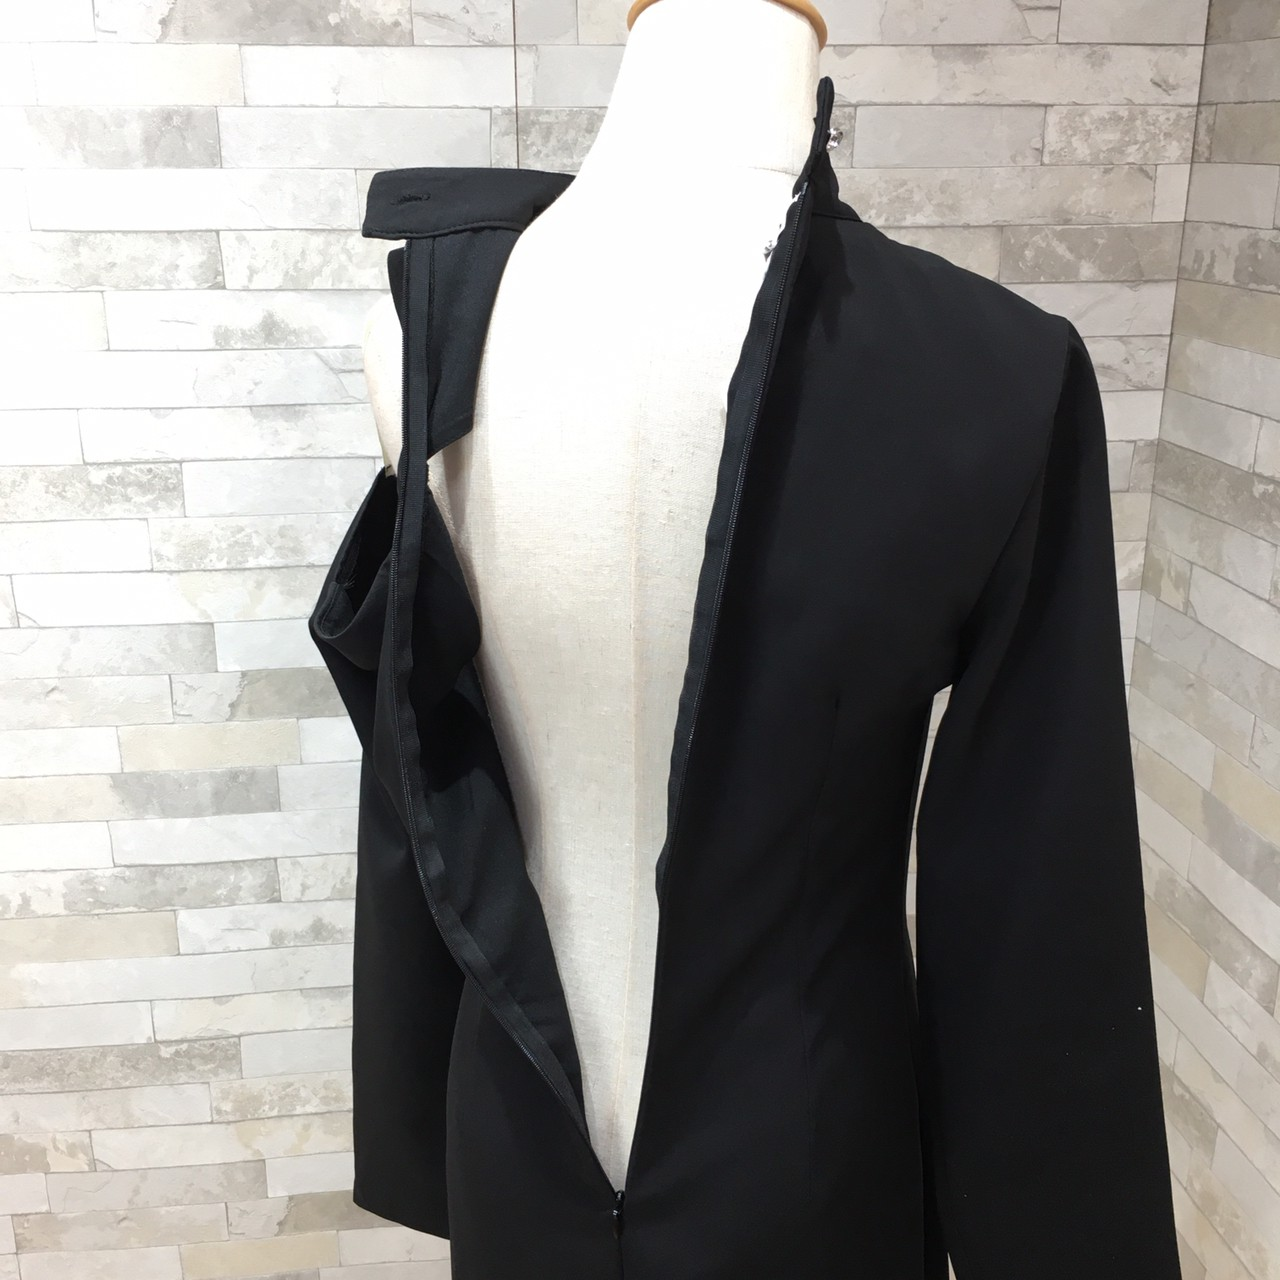 韓国 ファッション ワンピース パーティードレス ひざ丈 ミディアム 秋 冬 春 パーティー ブライダル PTXH549 結婚式 お呼ばれ アシンメトリー オープンショルダー 二次会 セレブ きれいめの写真17枚目